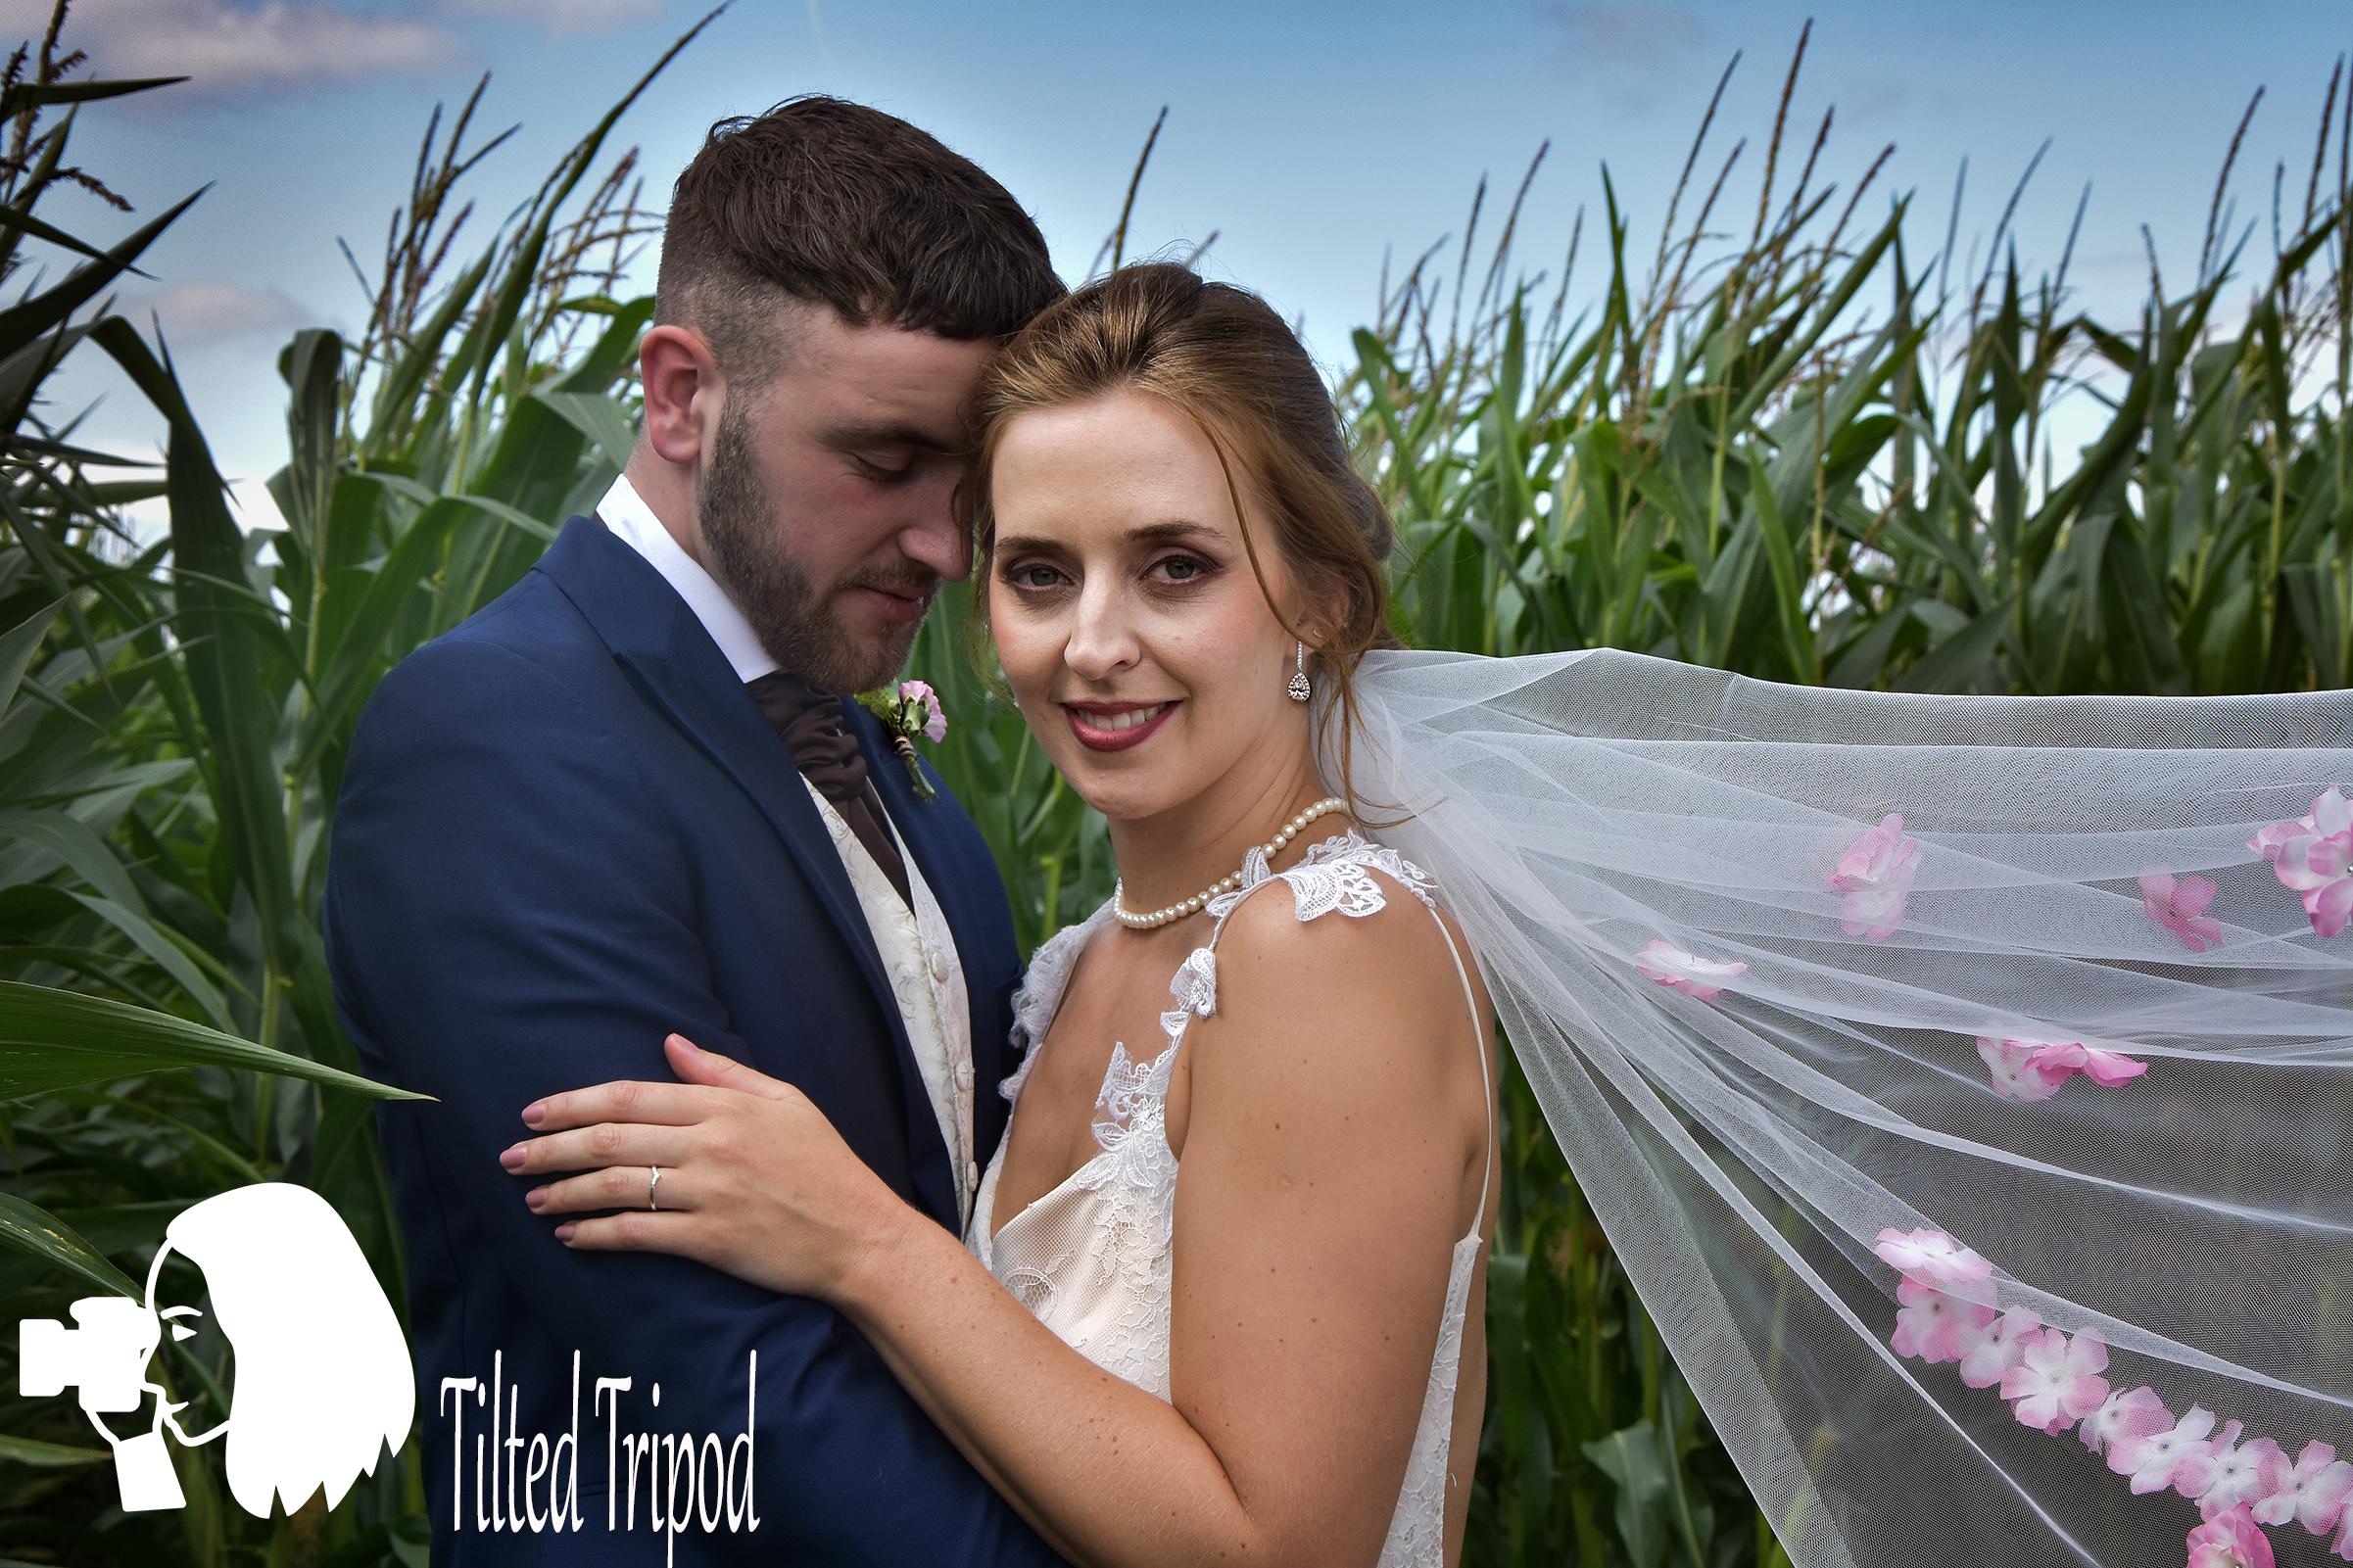 tilted tripod weddings- leeds wedding photography- unique wedding photography- creative wedding photography- unconventional wedding- wedding portraits-